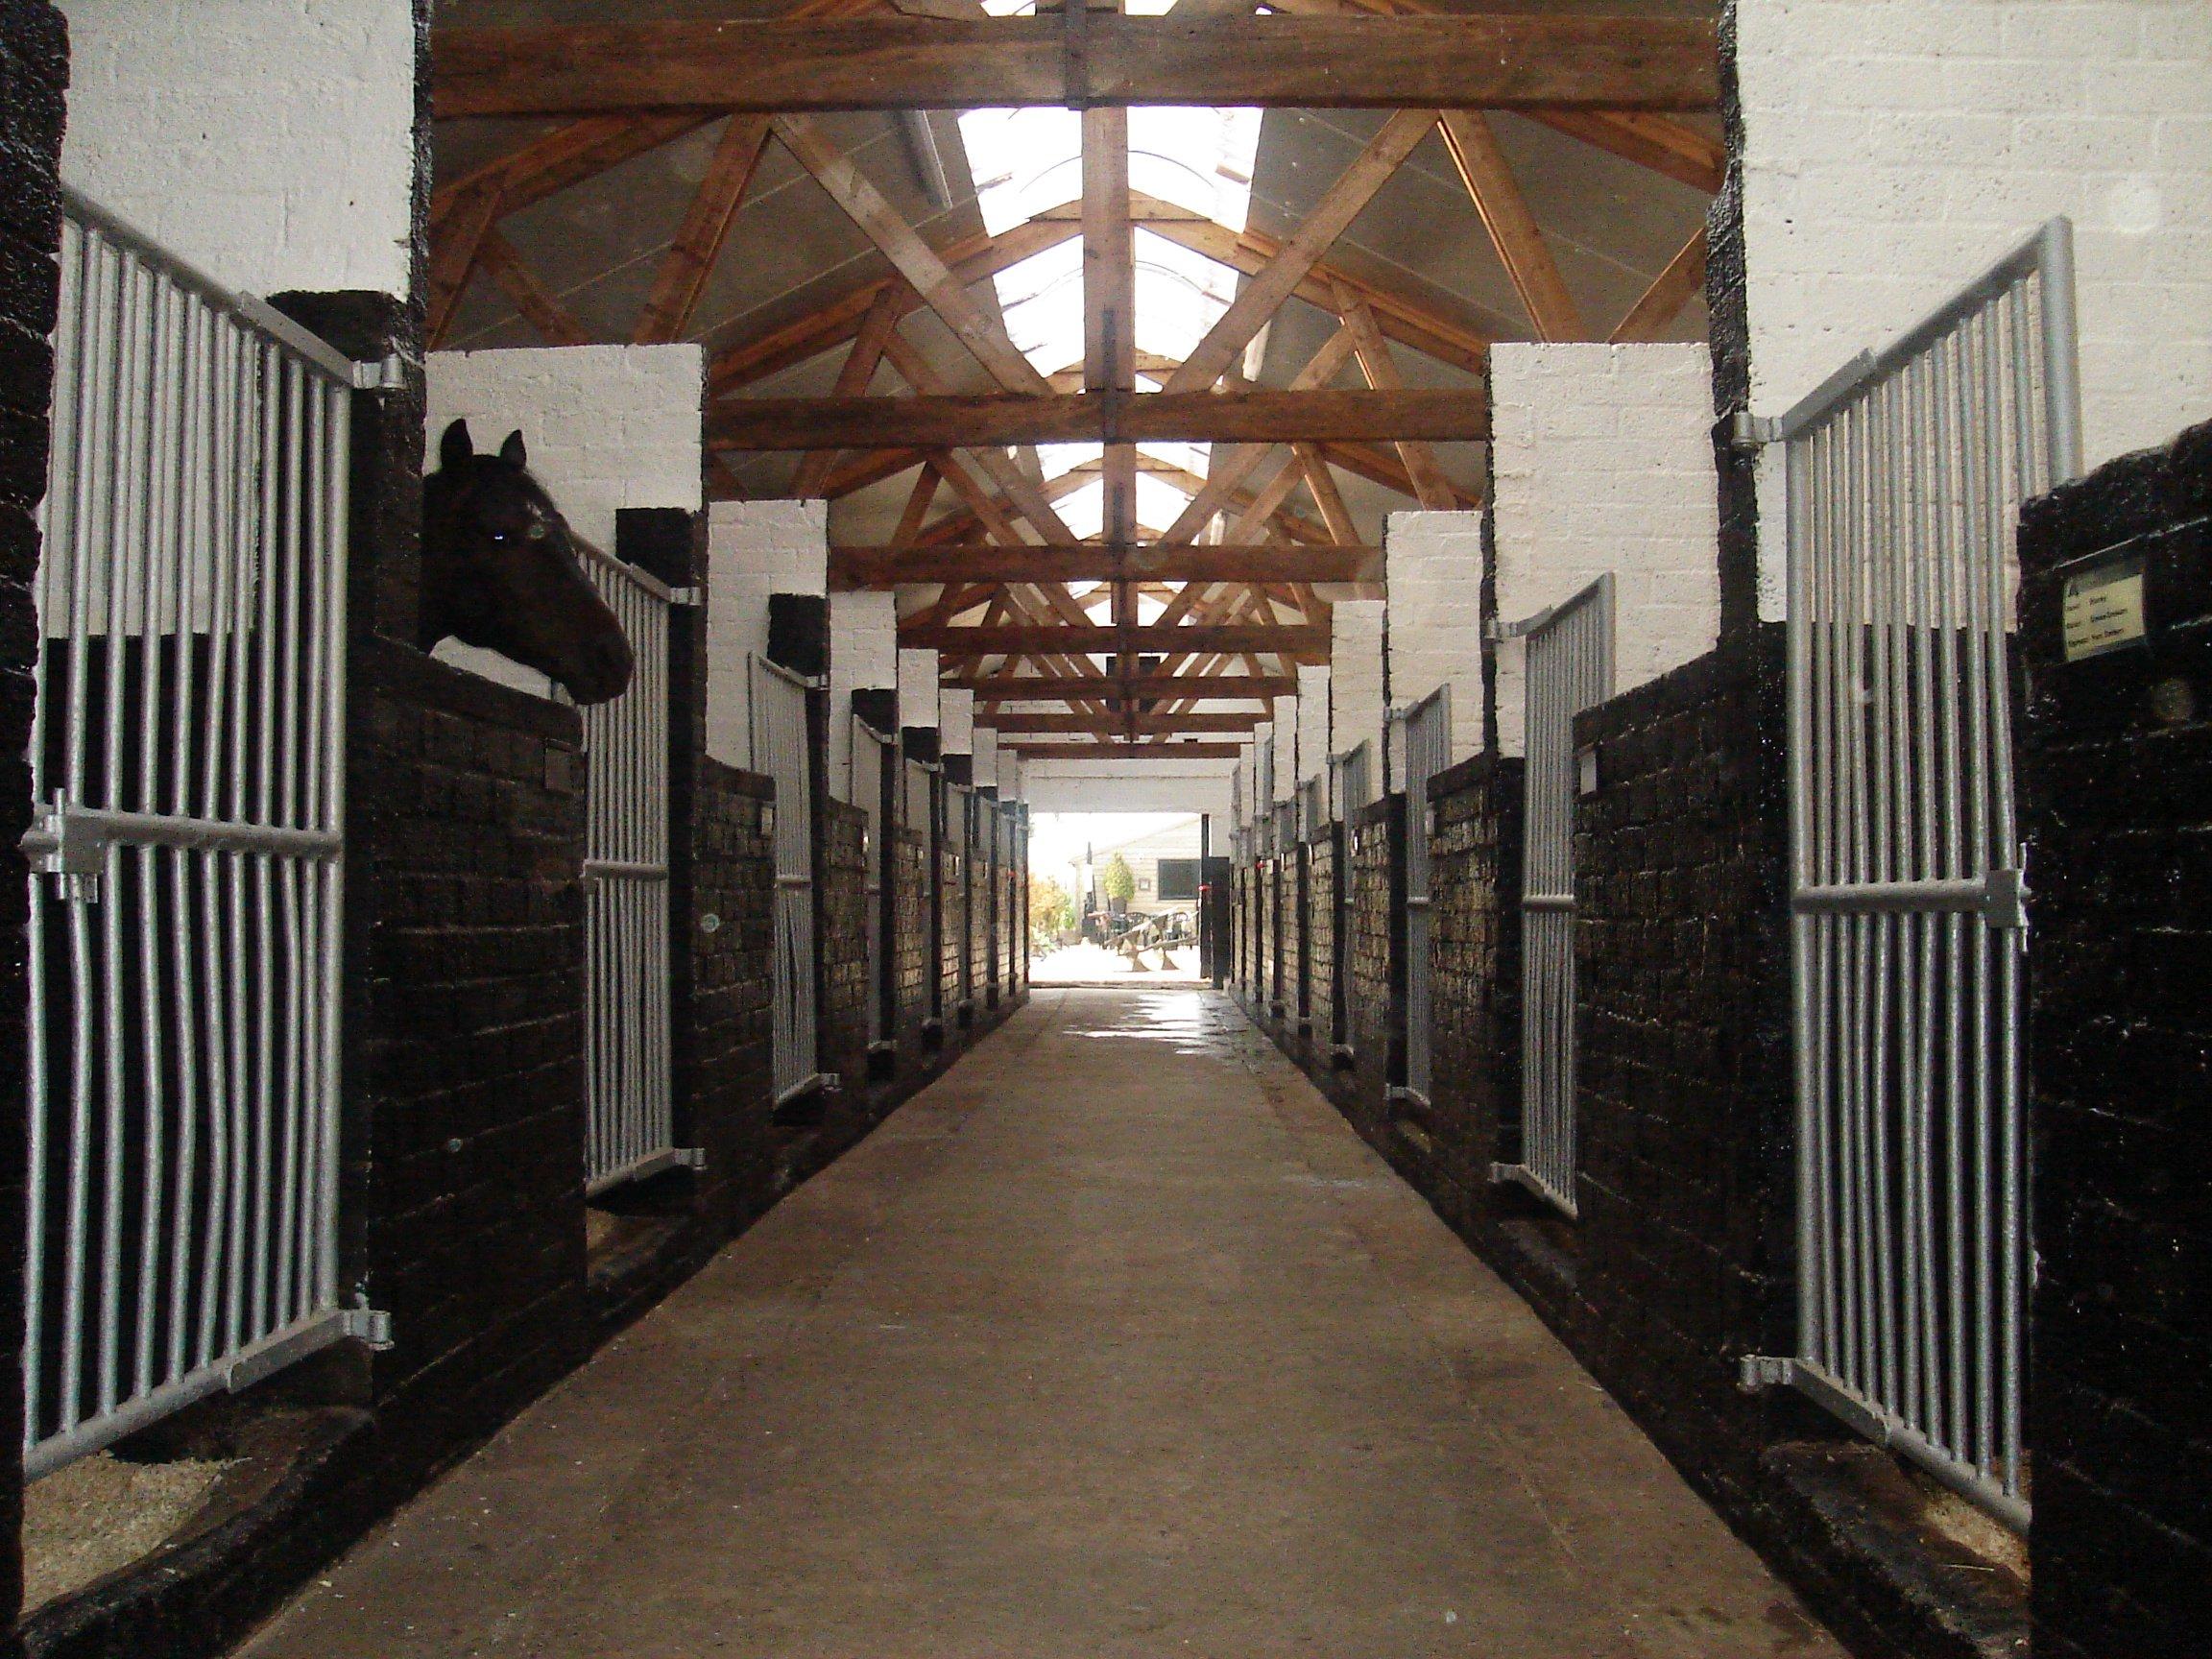 Manegestallen-ponys-uitzicht-op-binnenplaats-kampeerboerderij.